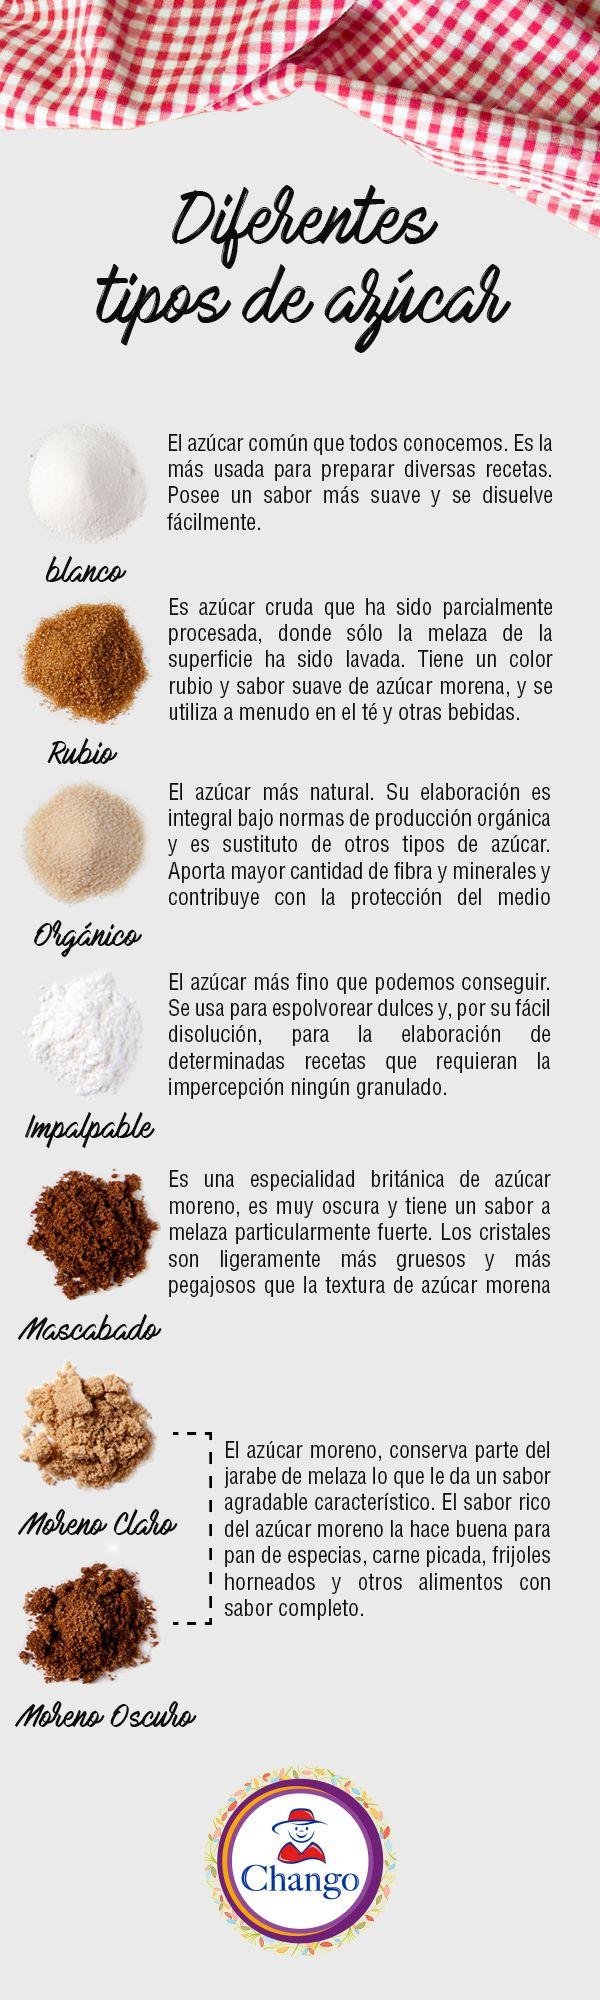 Existen diversos tipos de azúcar y acá te explicamos cuáles son y cómo podés utilizarlos.